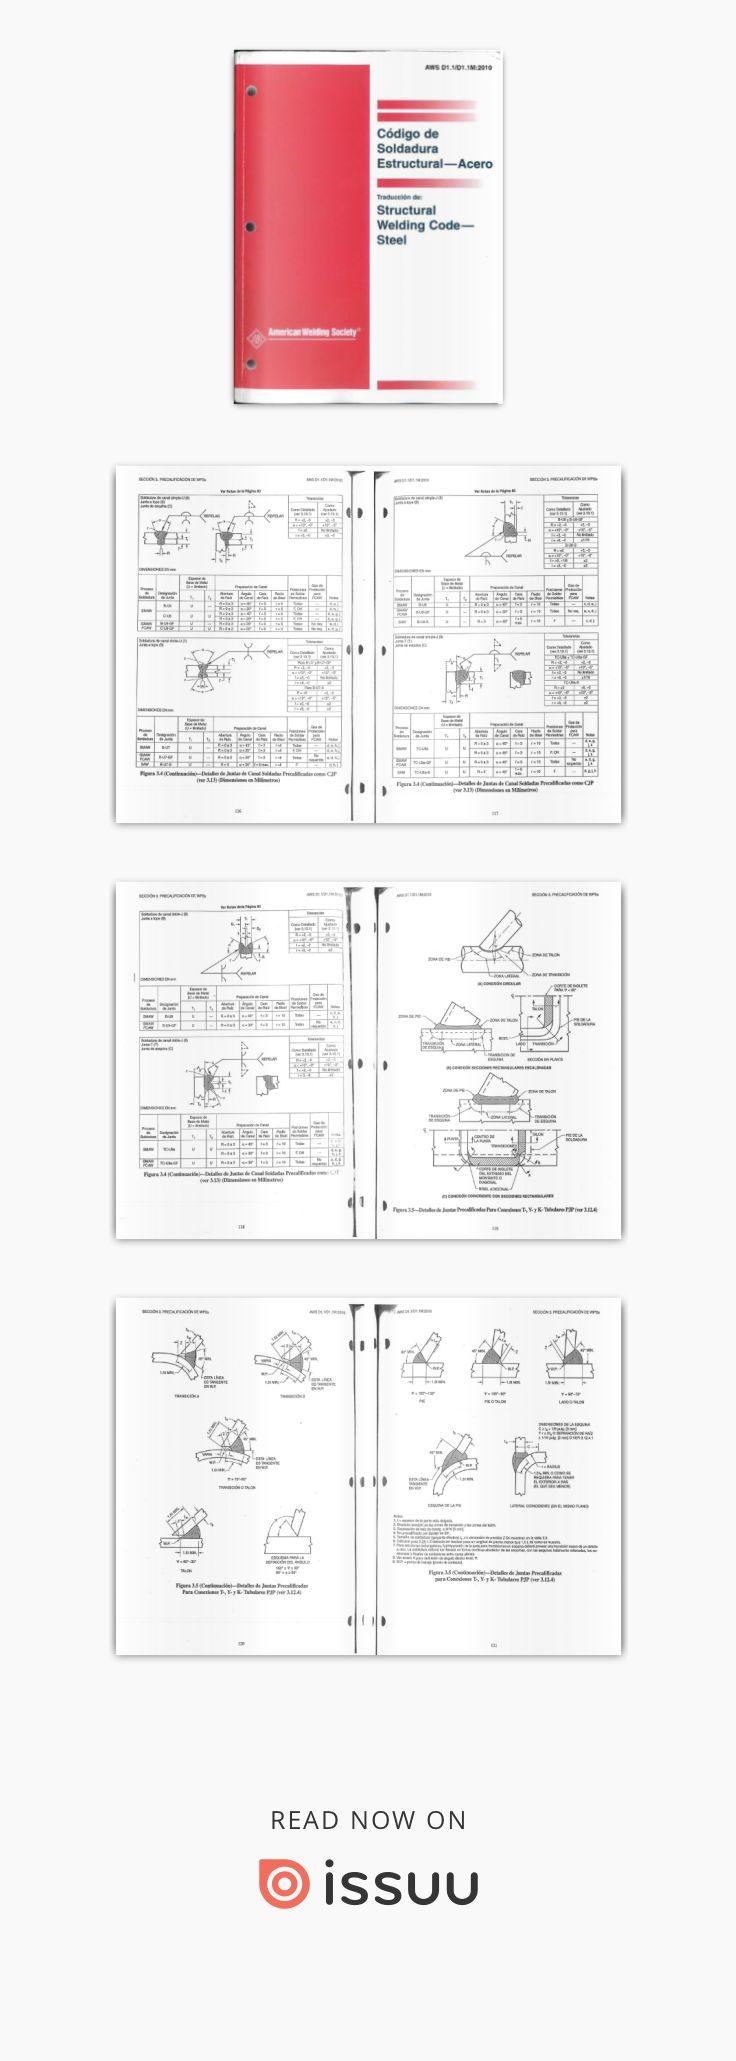 Codigo De Soldadura Estructural Acero Aws D1 1 2010 Espanol Parte 1 Personalized Items Bullet Journal Journal